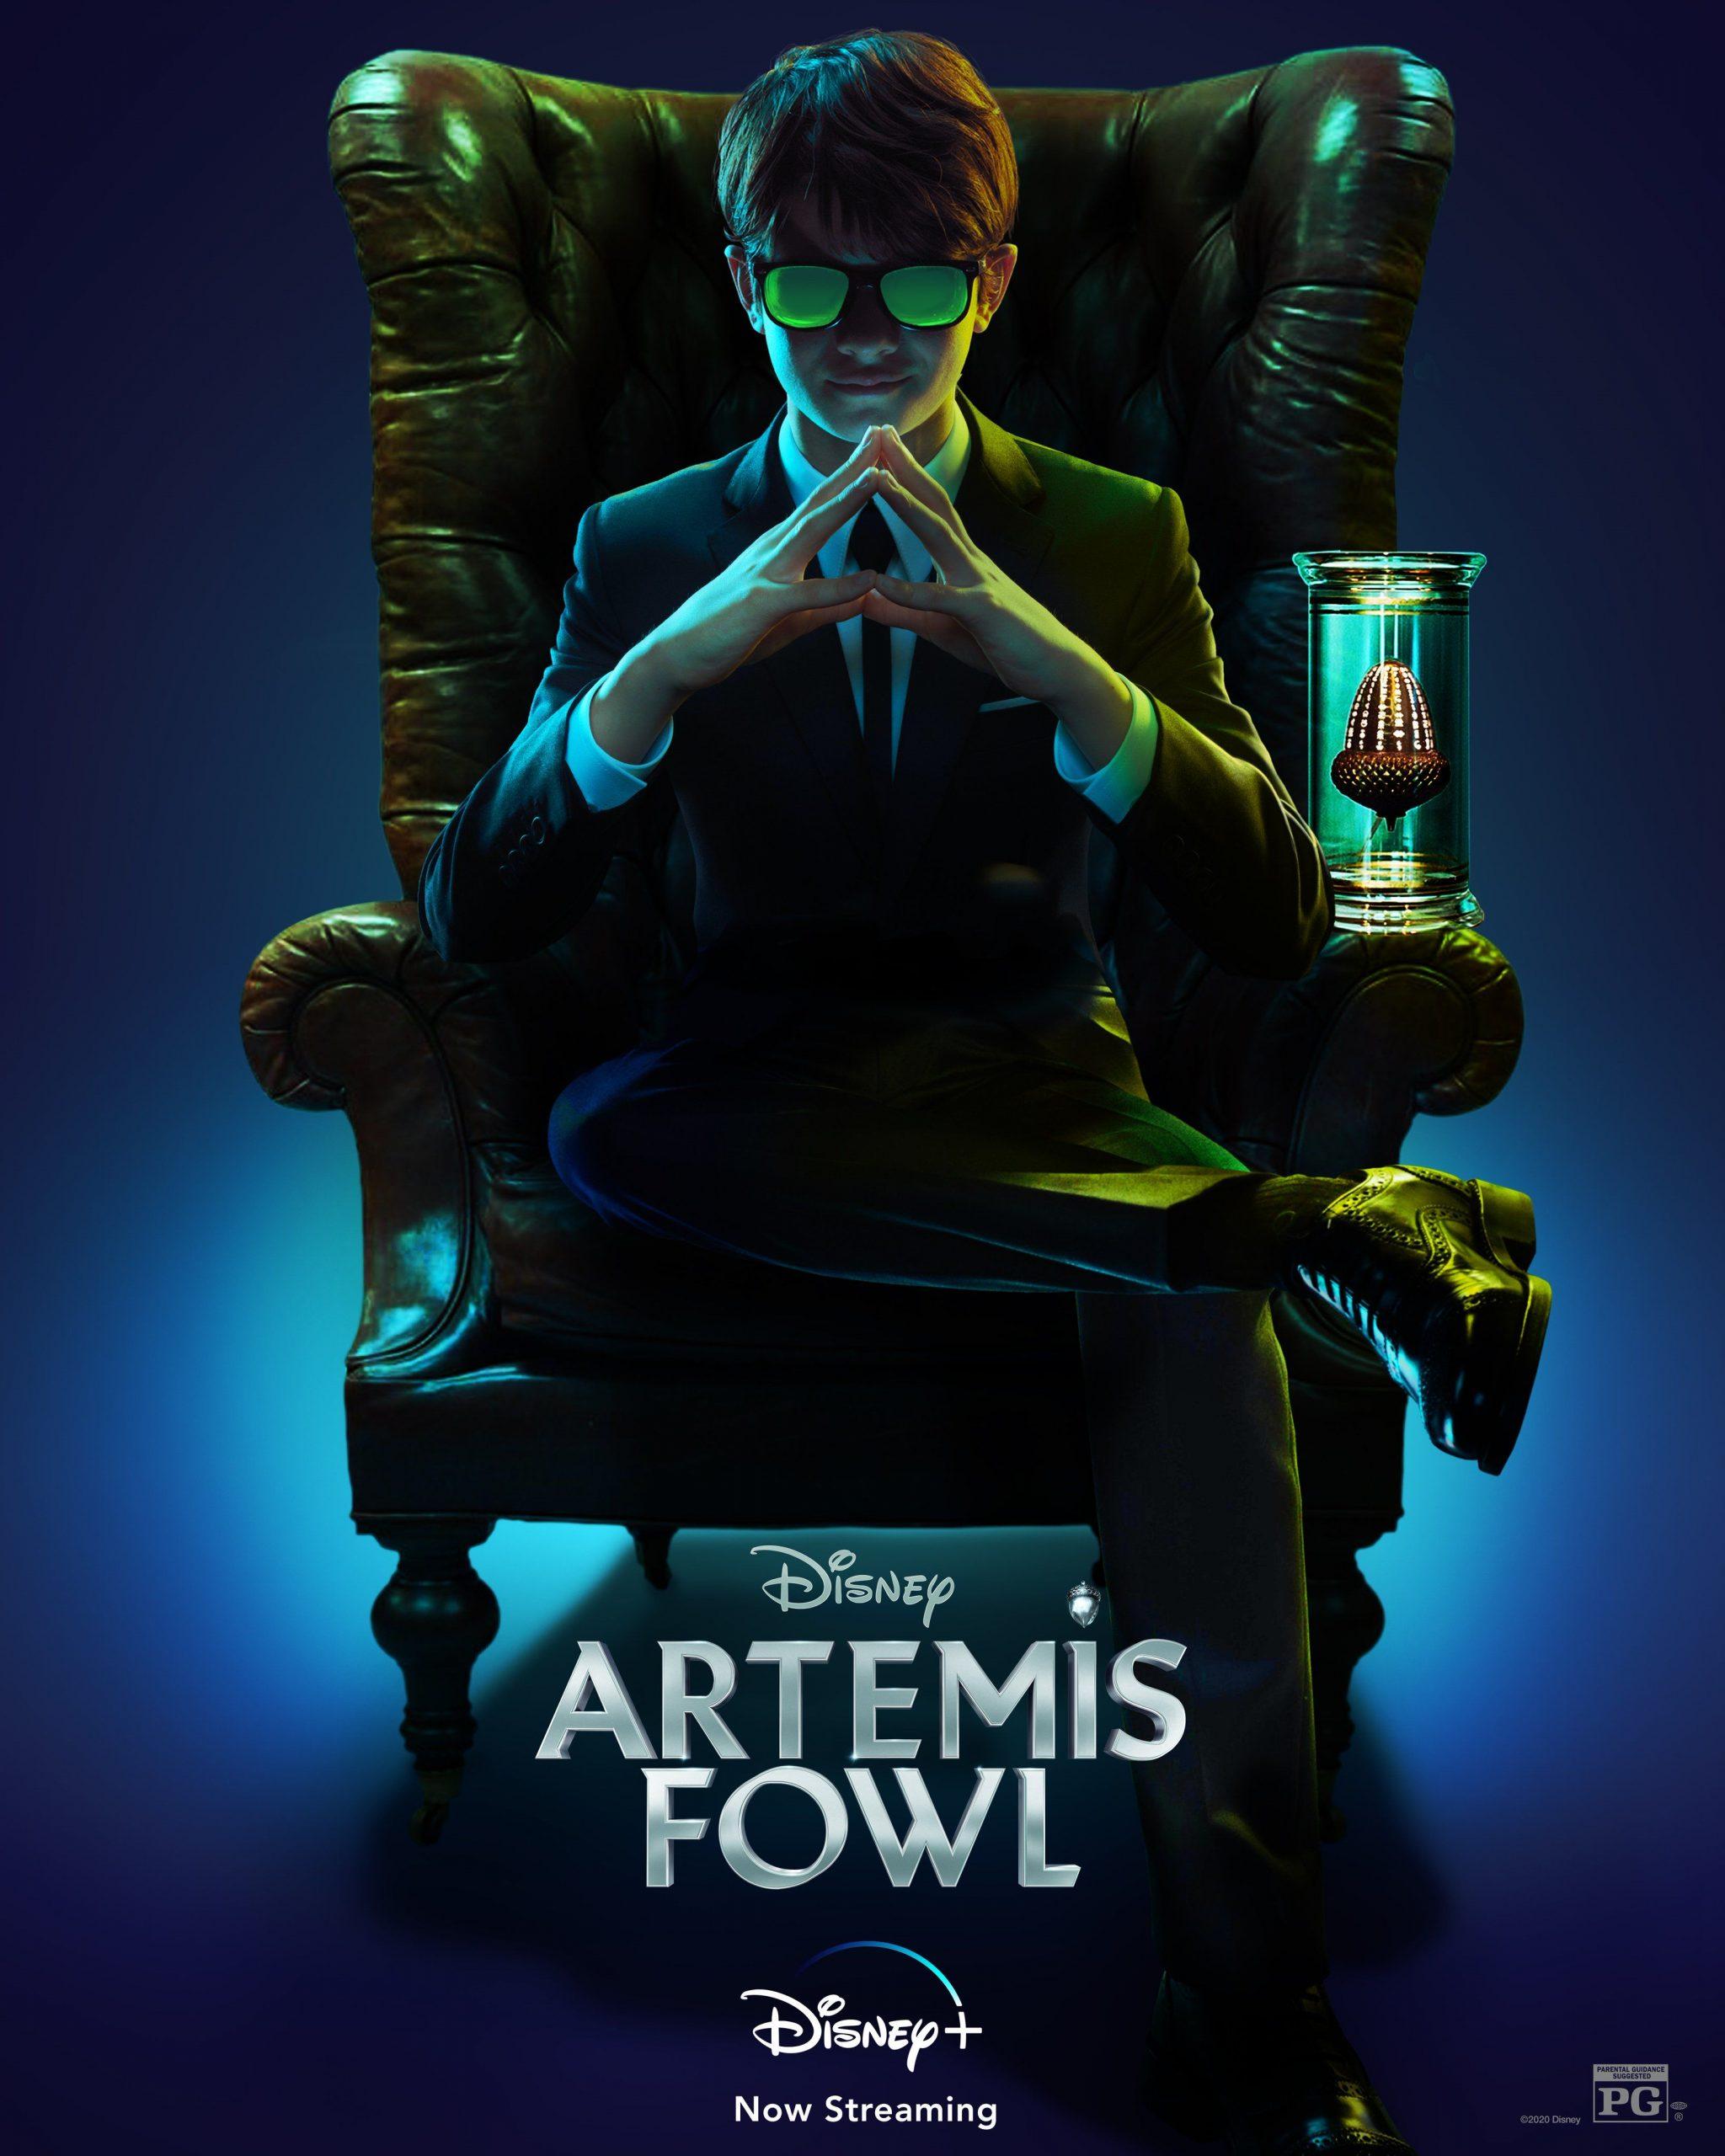 ดูหนังออนไลน์ Artemis Fowl (2020) ผจญภัยสายลับใต้พิภพ